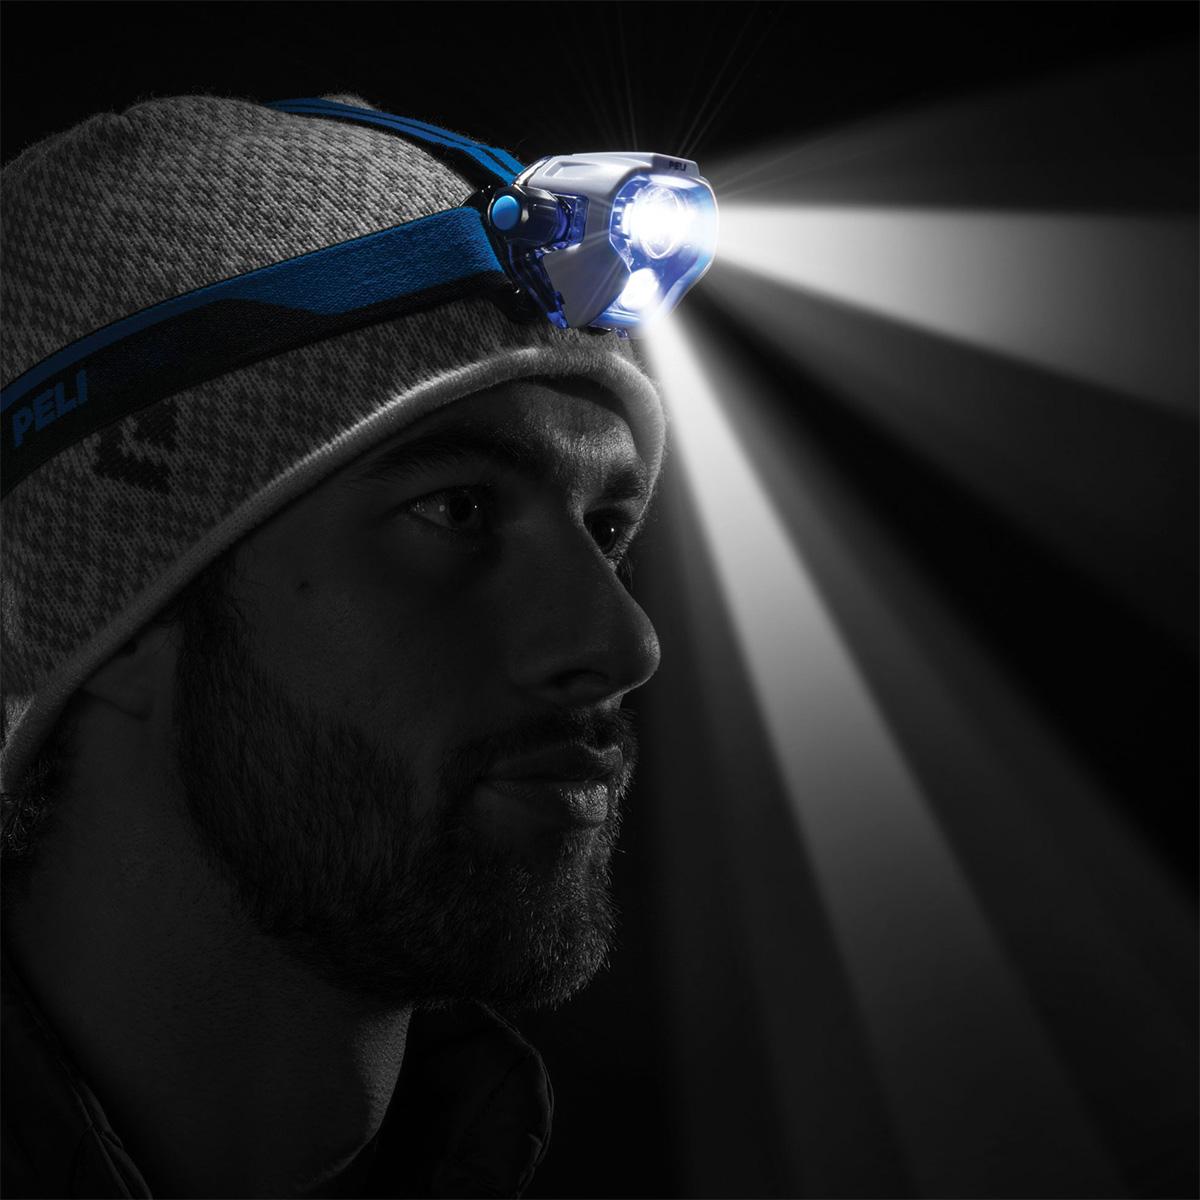 peli 2780r super bright led headlamp brightest